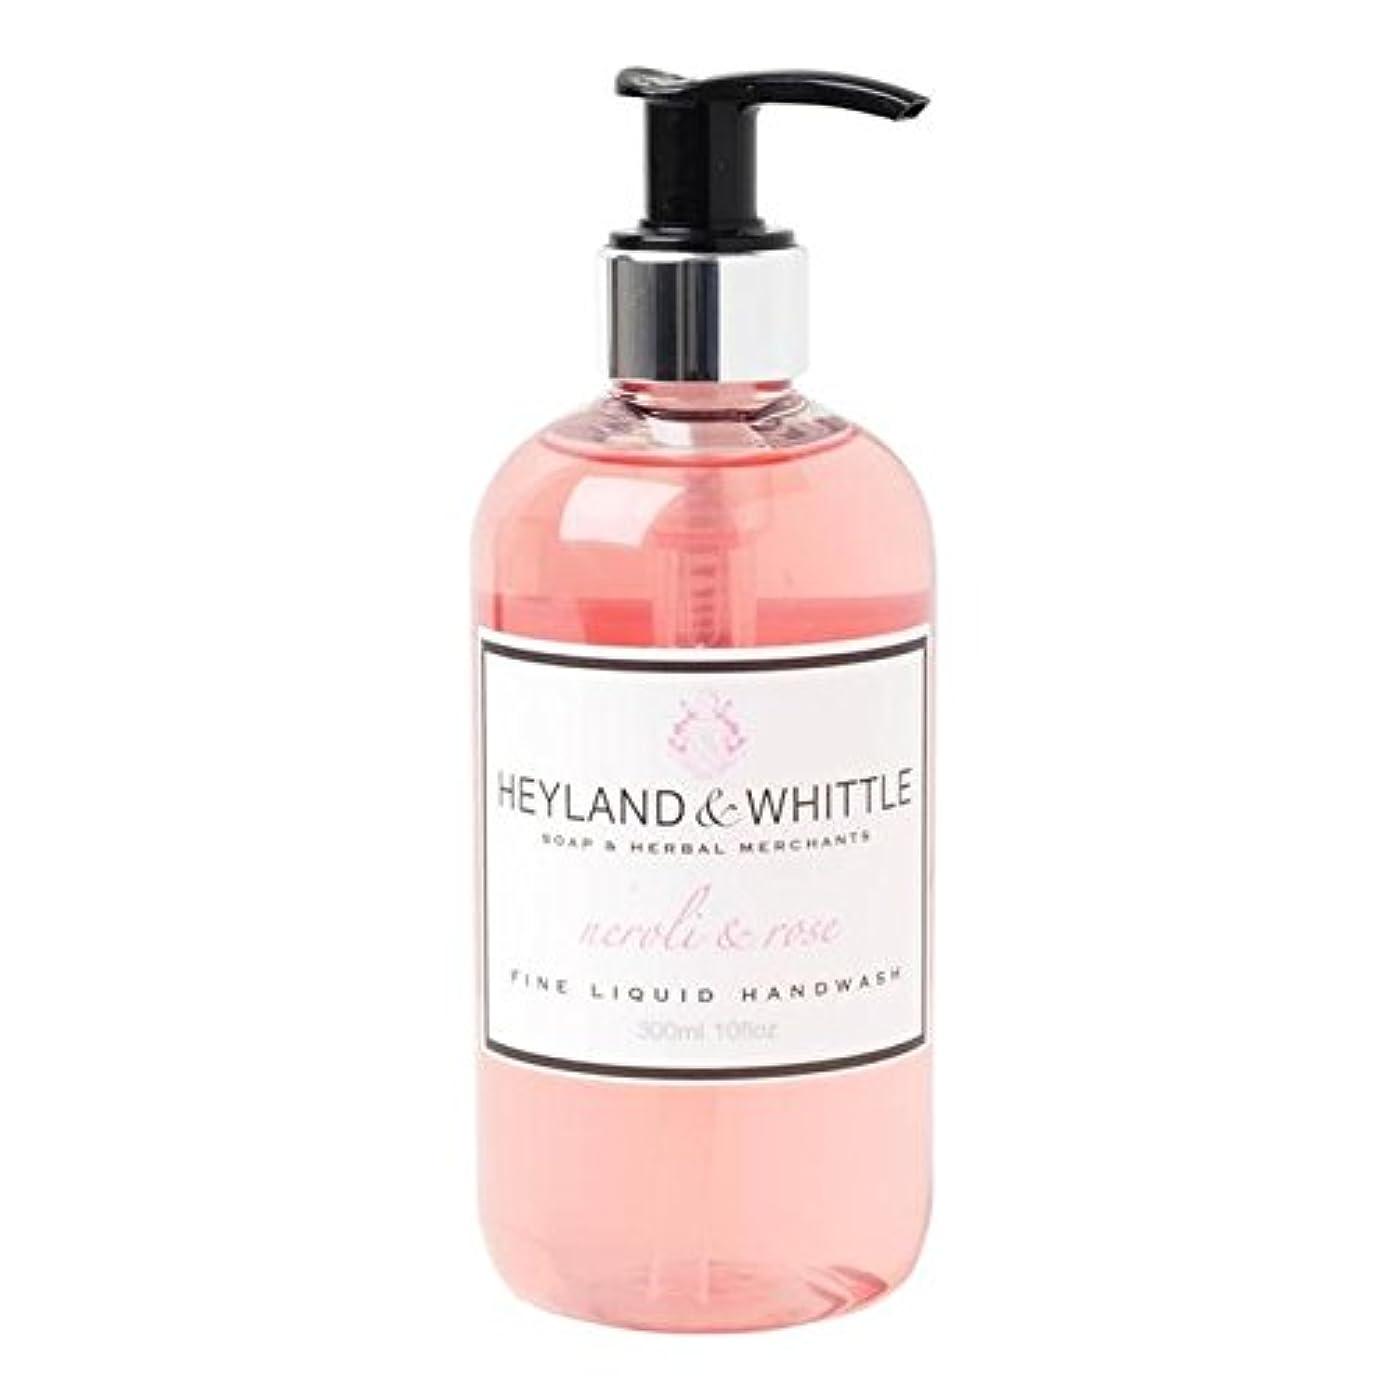 つぼみ施し明示的にHeyland & Whittle Neroli & Rose Handwash 300ml - &削るネロリ&手洗いの300ミリリットルをバラ [並行輸入品]